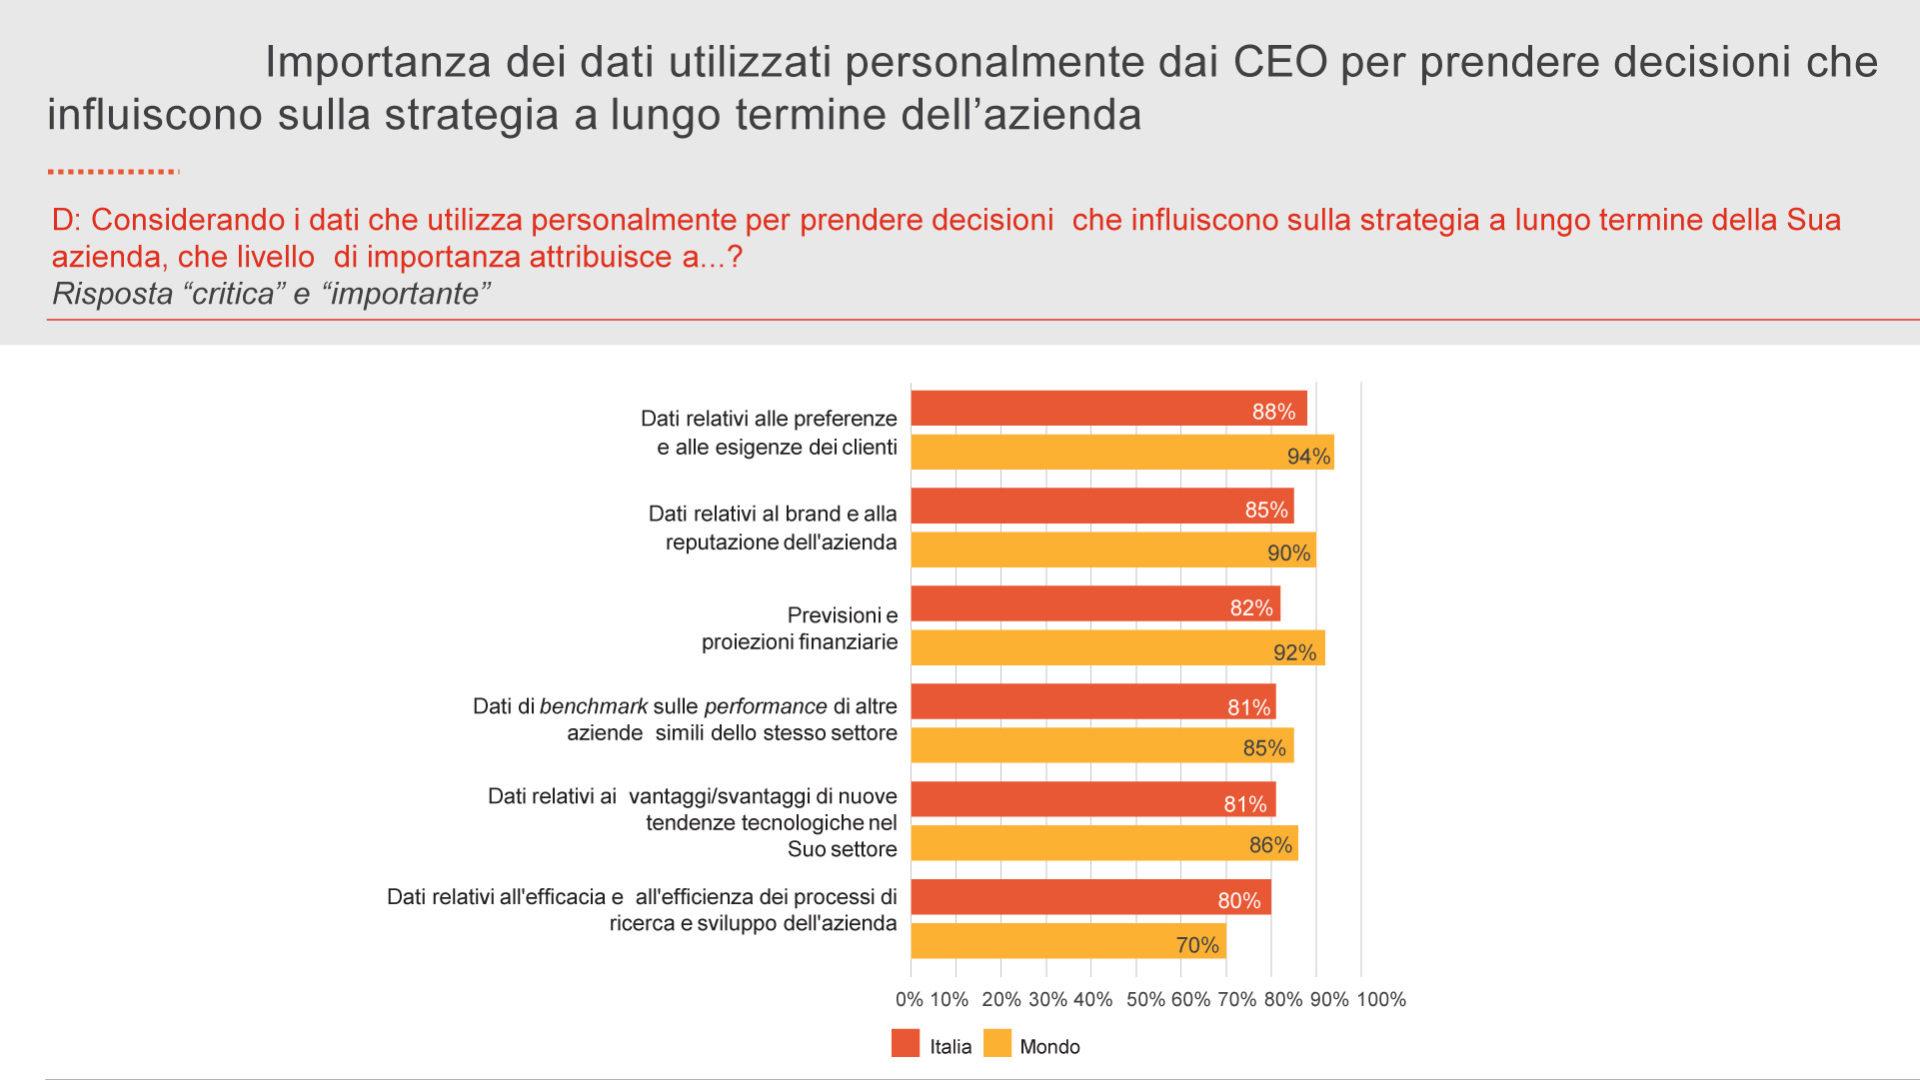 grafico che mostra l'Importanza dei dati utilizzati personalmente dai CEO per prendere decisioni che influiscono sulla strategia a lungo termine dell'azienda